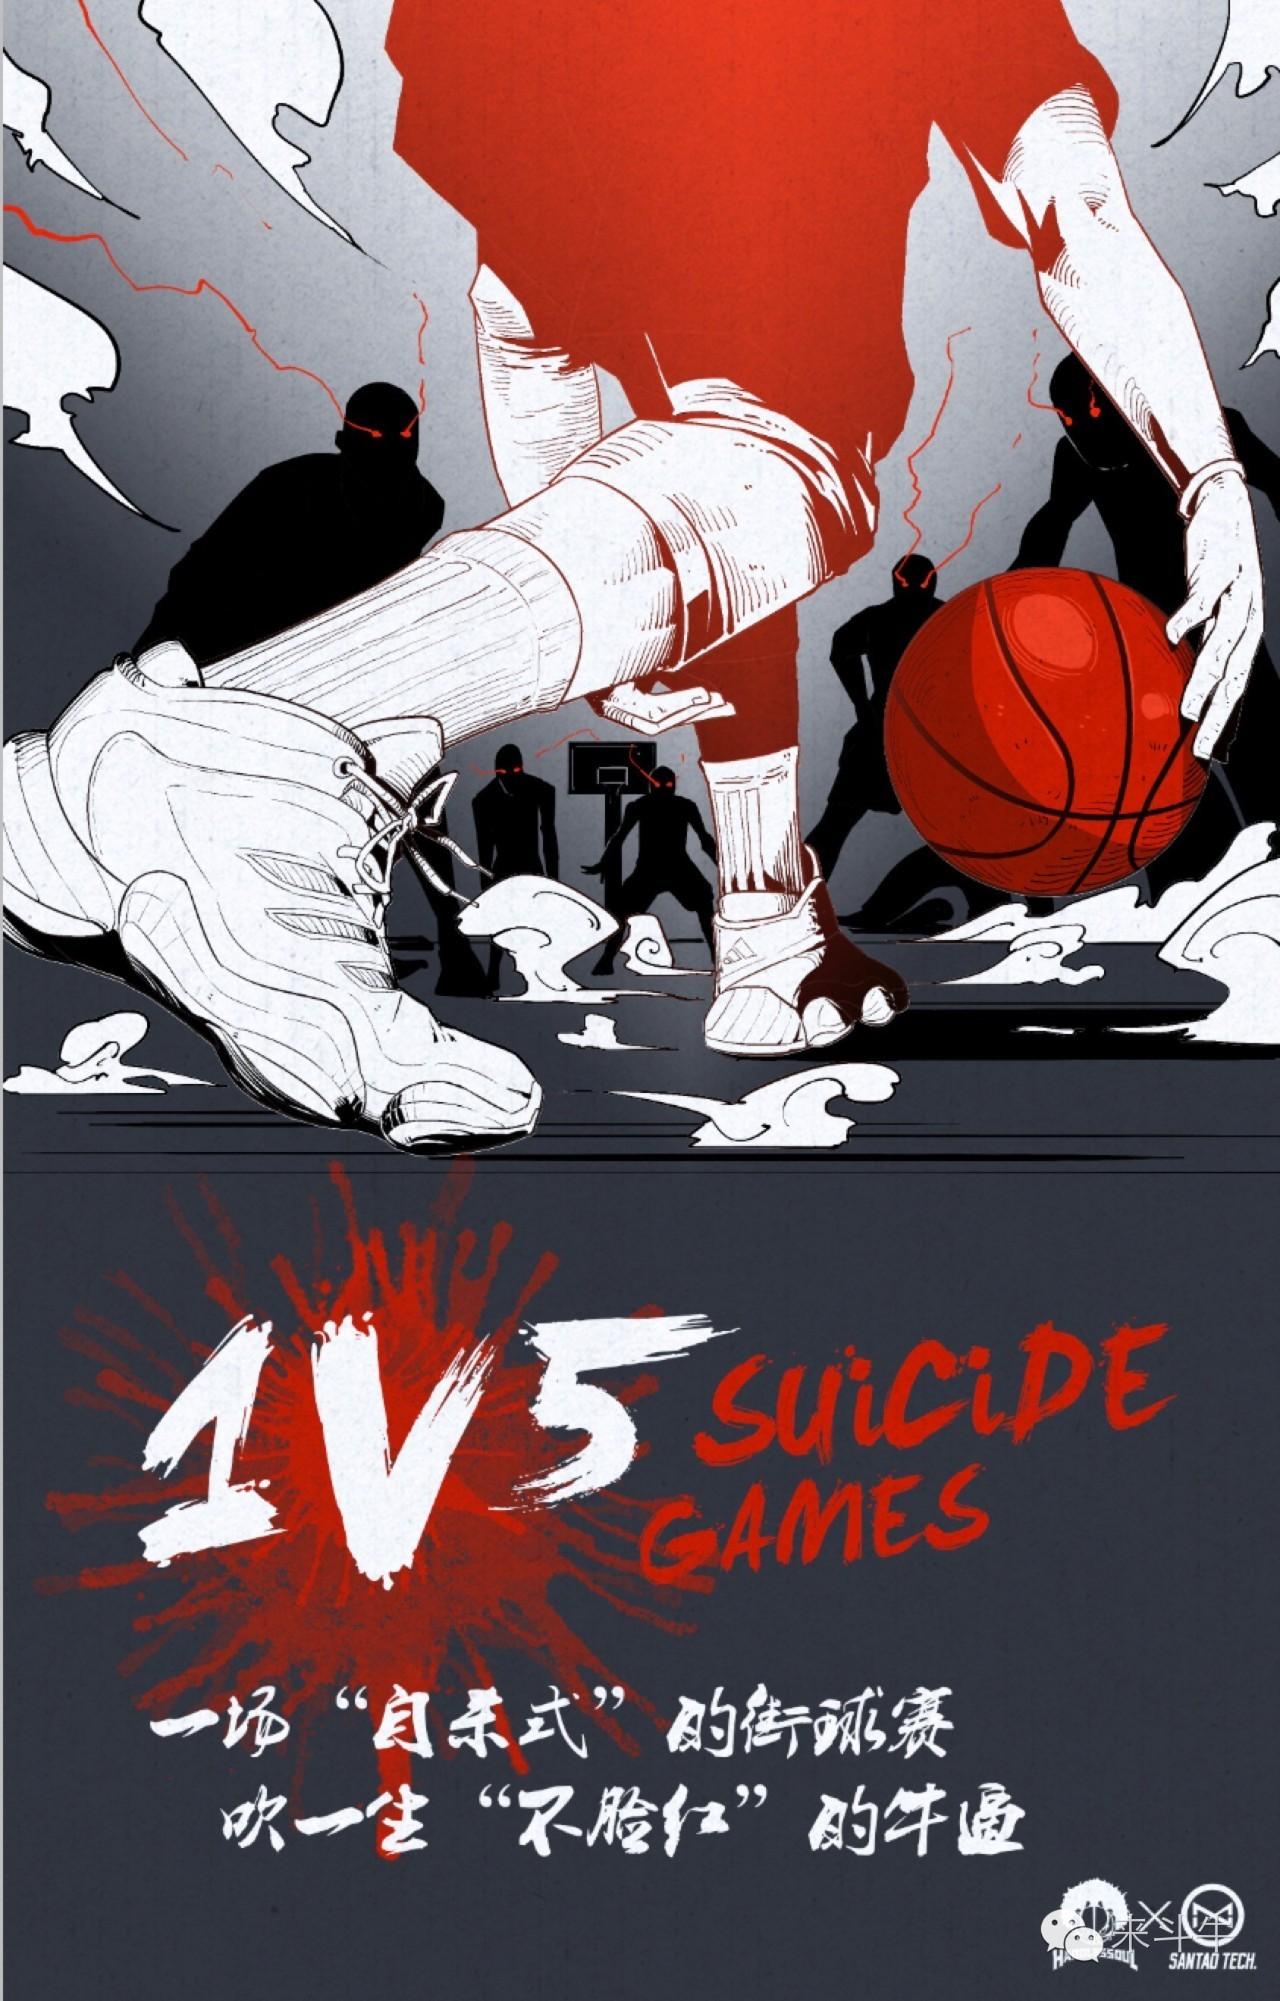 """##:谁说街球不能够大约大约更为玩闹?1V5""""他杀游戏""""测验"""